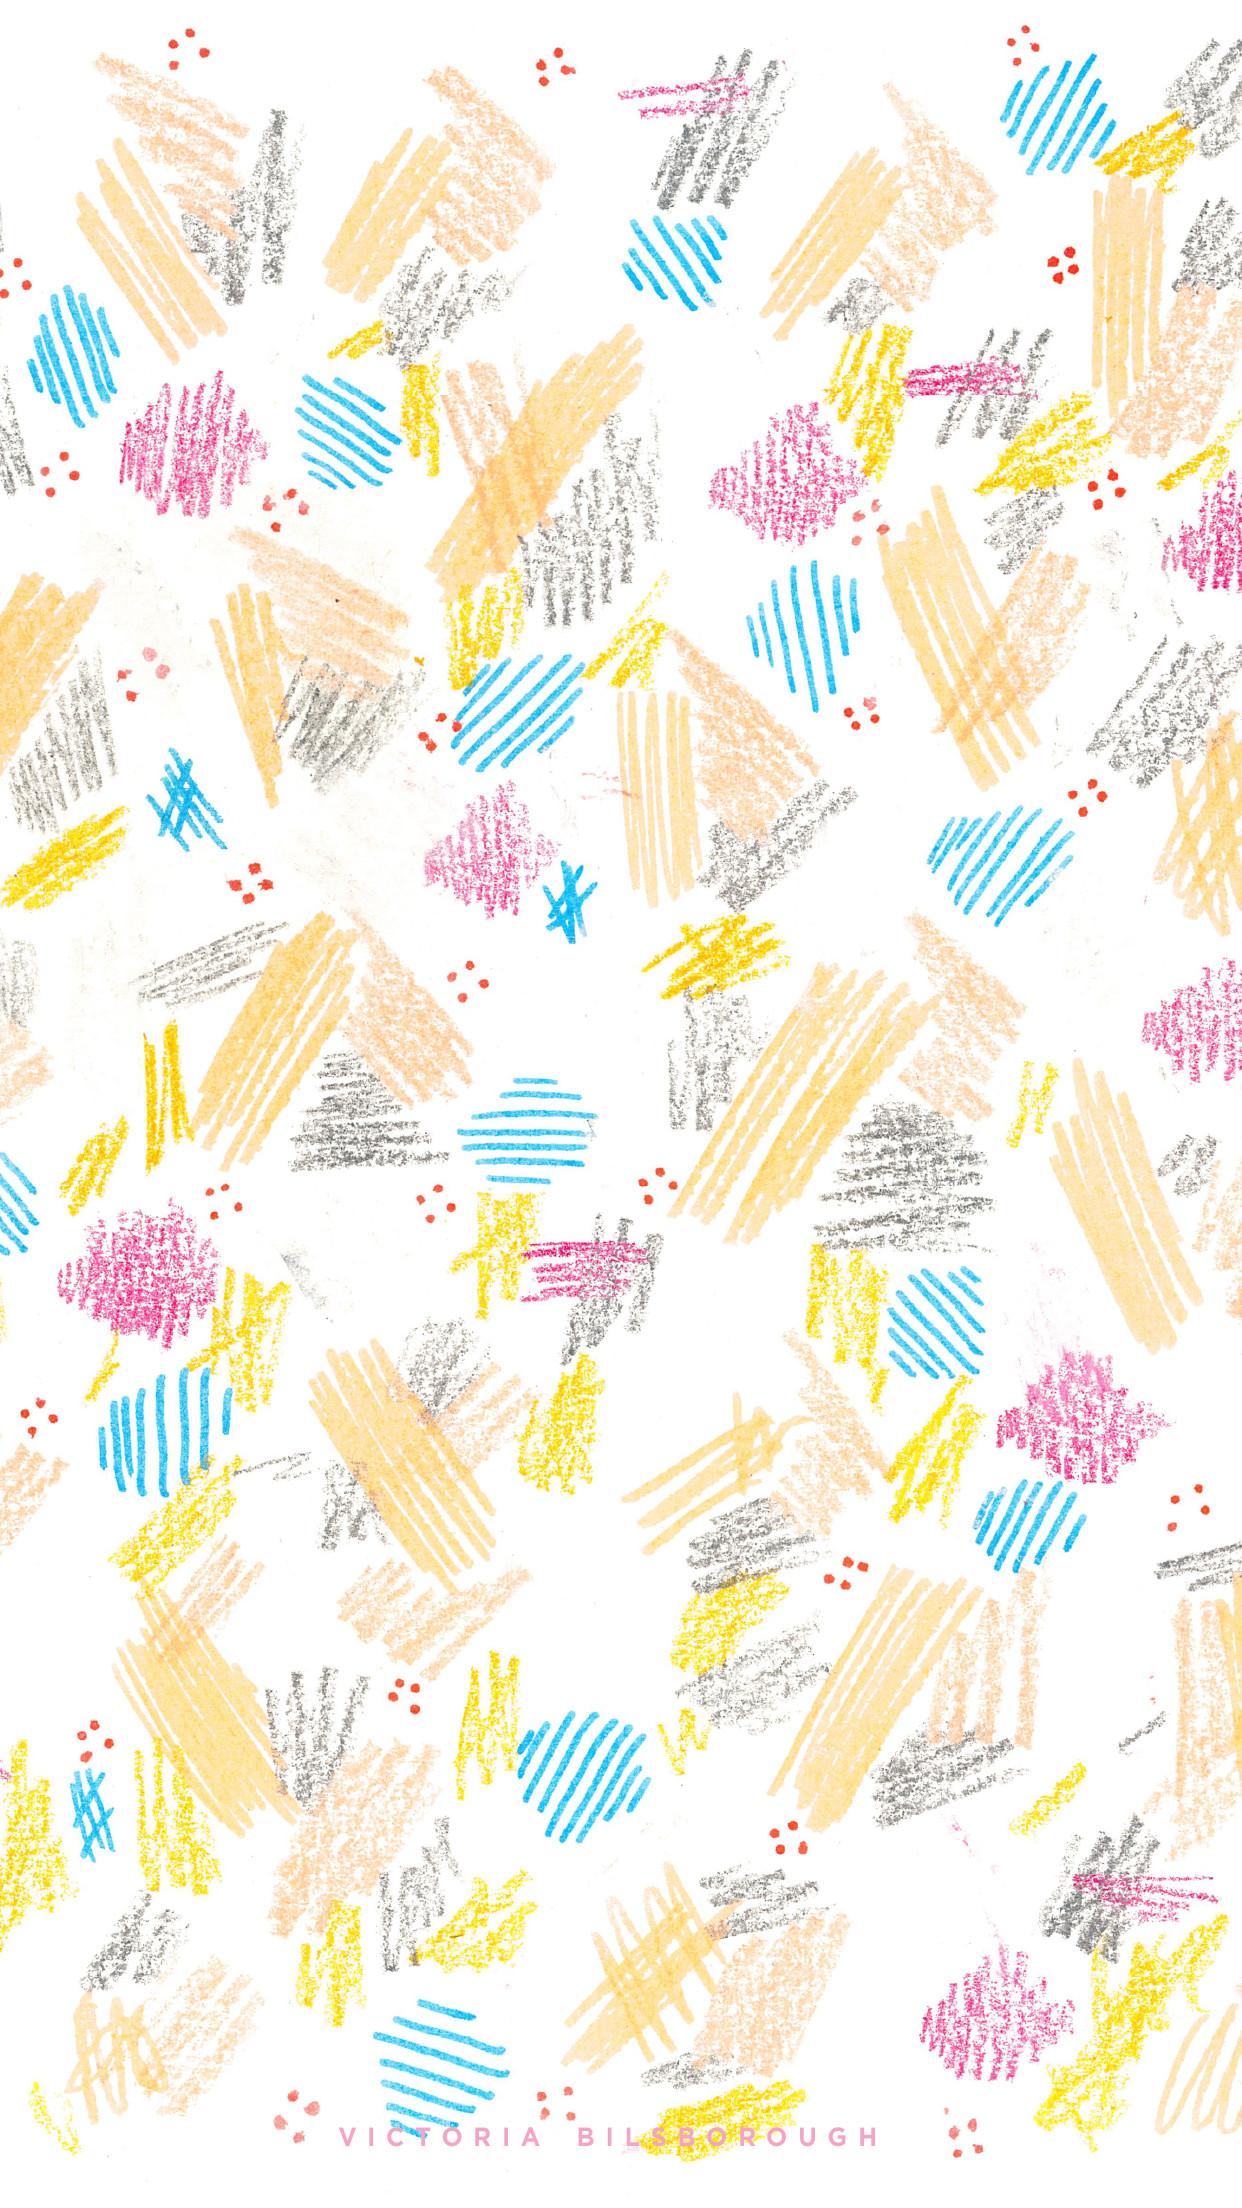 003_Free-Wallpapers-_-by-Victoria-Bilsborough-%E2%80